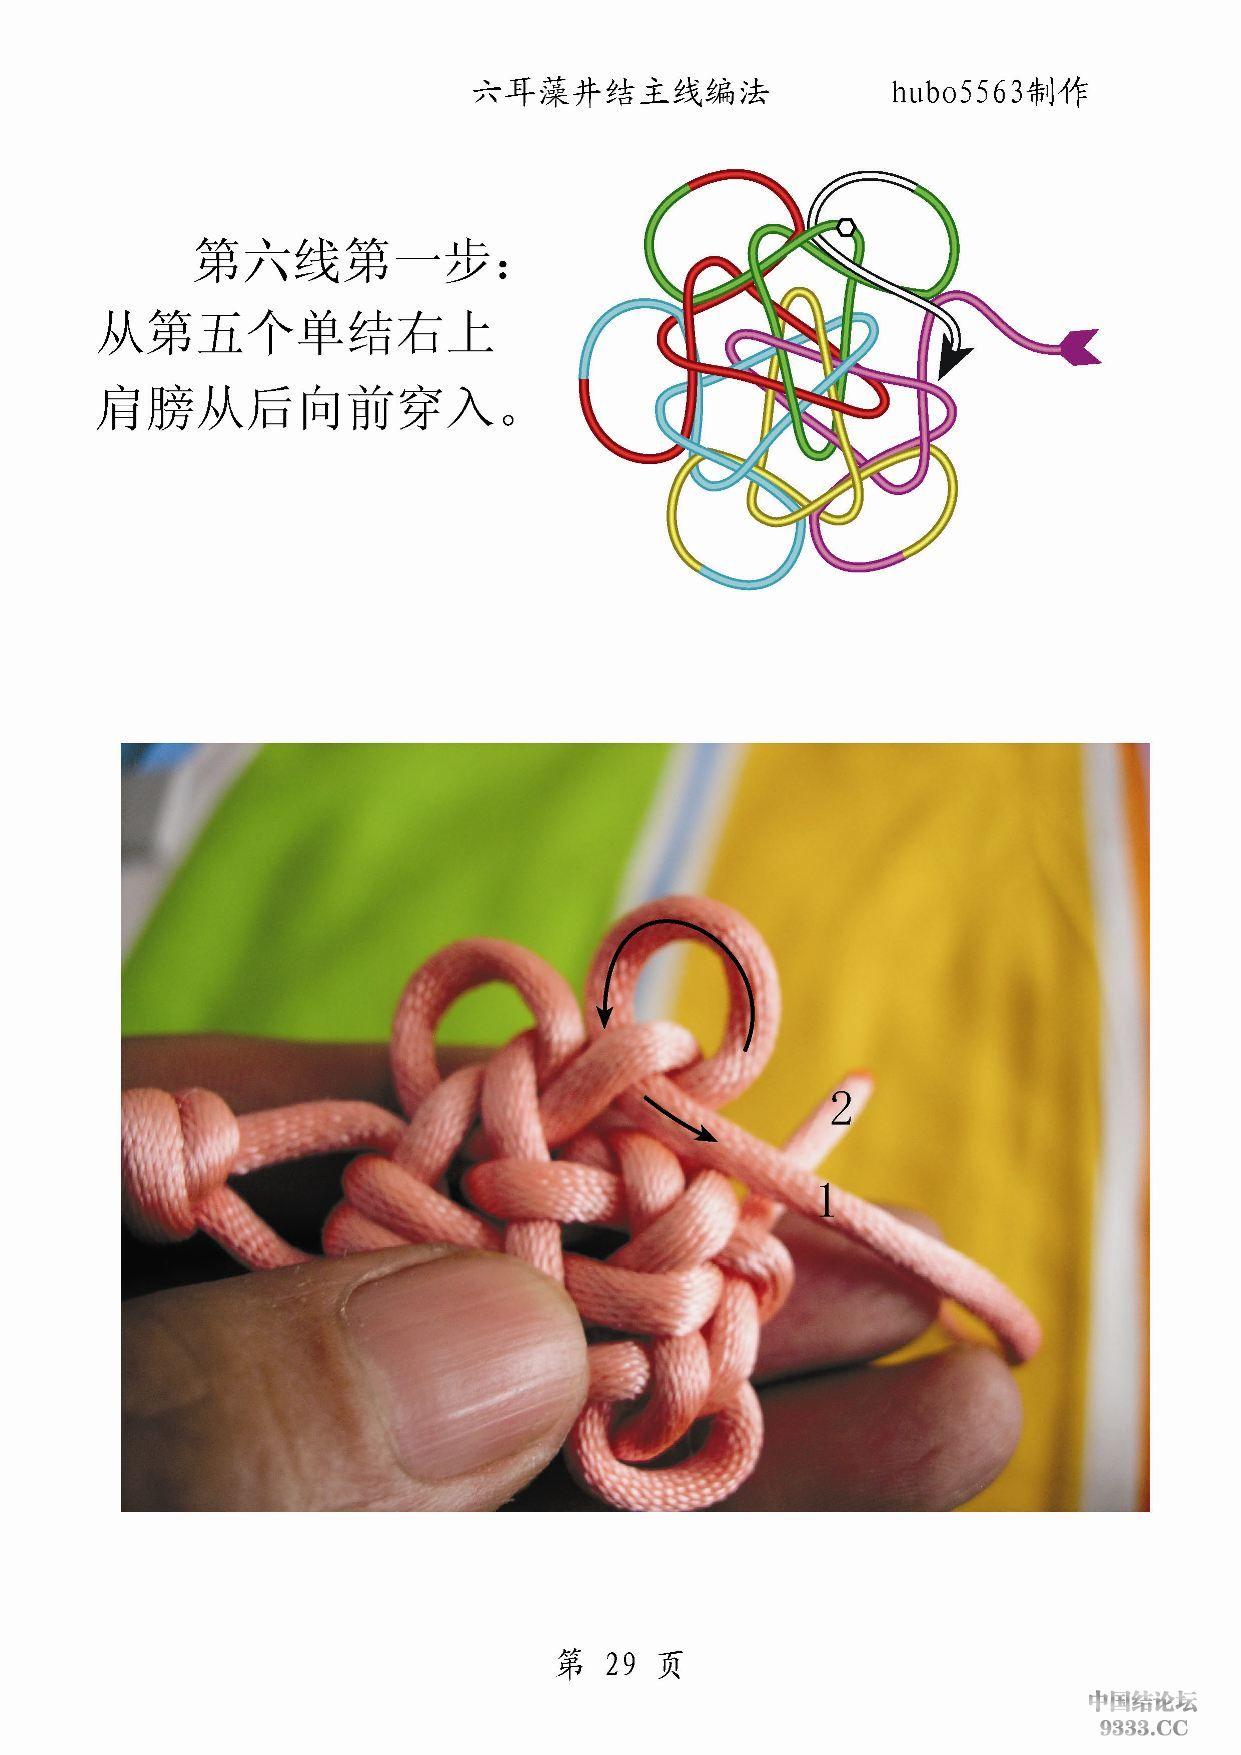 中国结论坛 原创新结---六耳藻井结主线编法徒手教程  基本结-新手入门必看 1002192215f4638ae4593e6a03